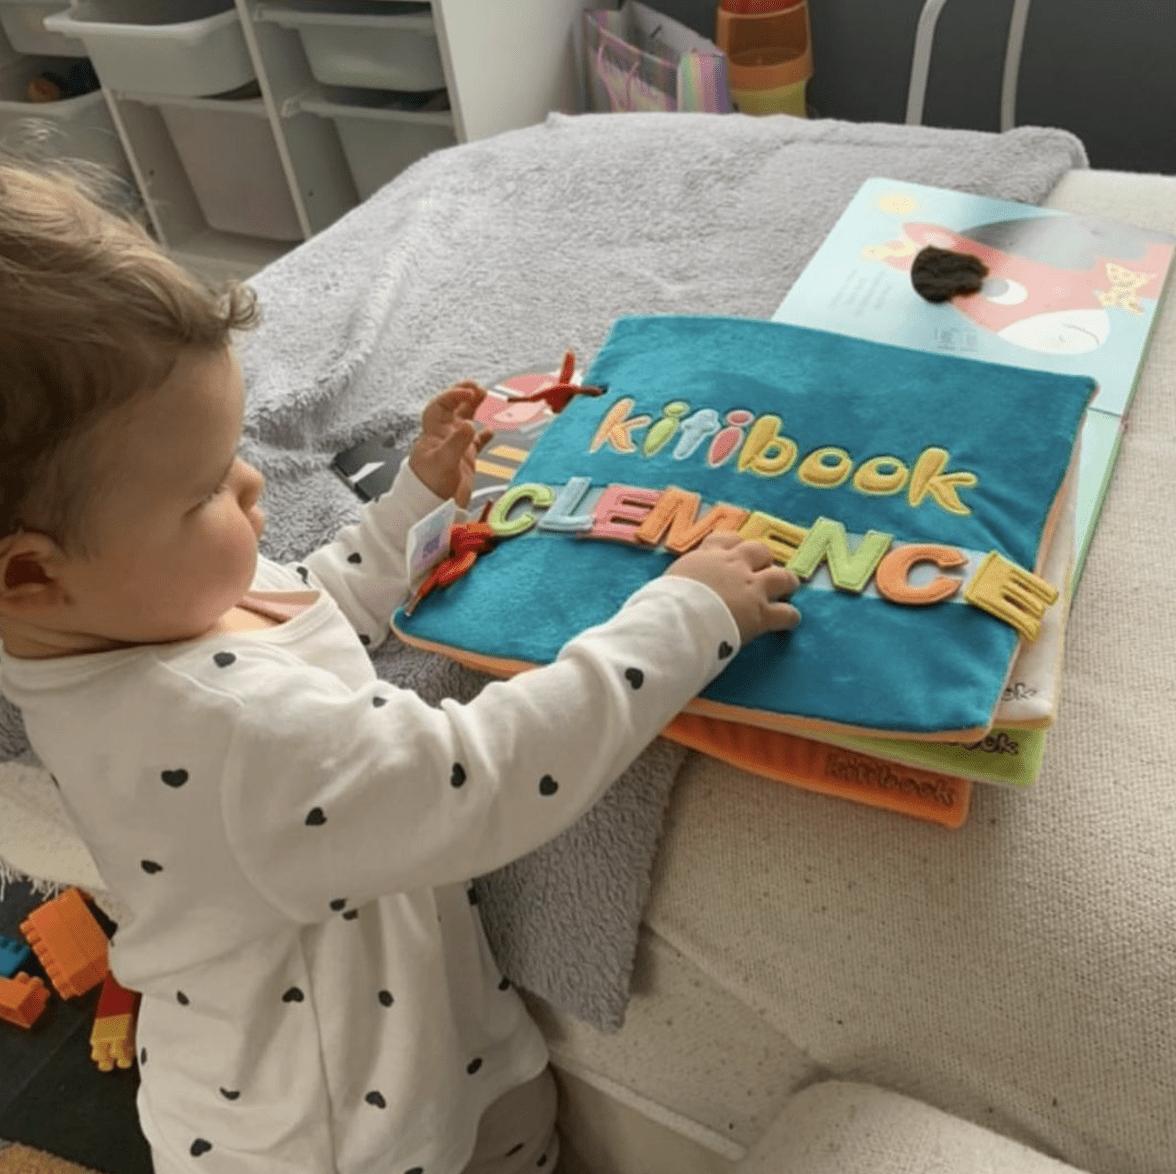 livre enfant kitibook francais écoresponsable personnalisable les petits aviateurs